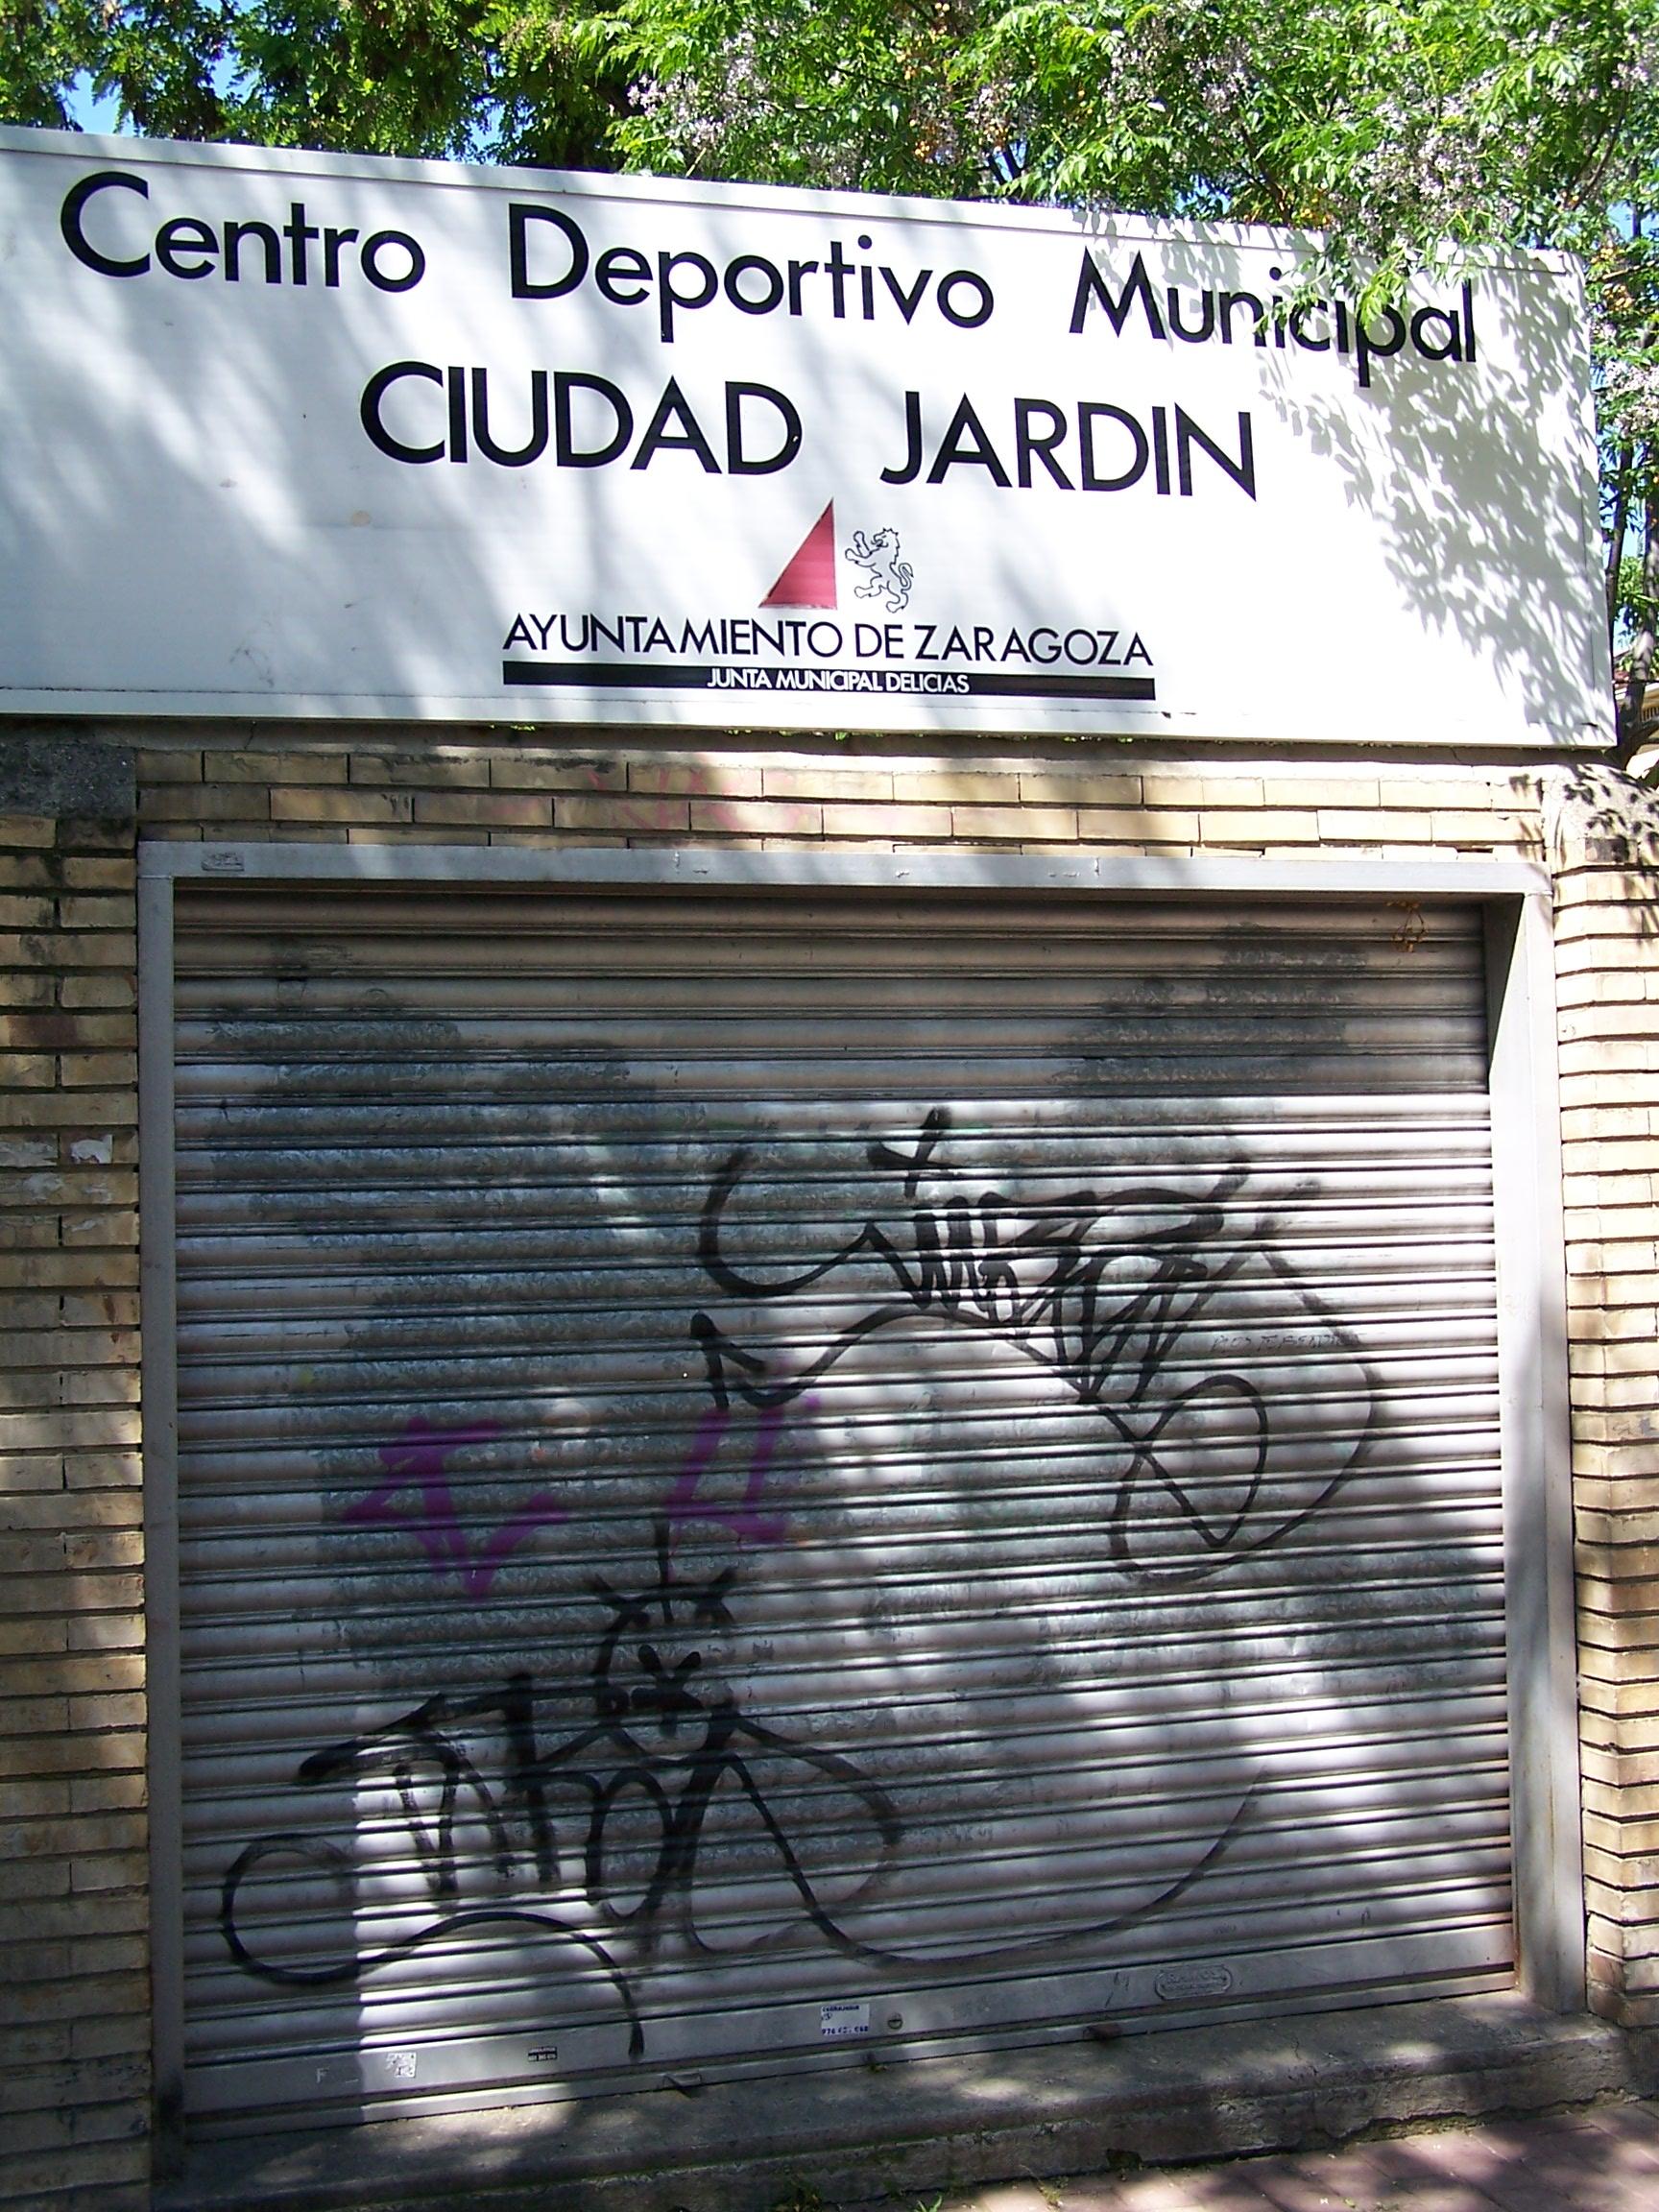 La piscina de ciudad jard n no es para el verano el blog for Piscina avenida ciudad jardin sevilla